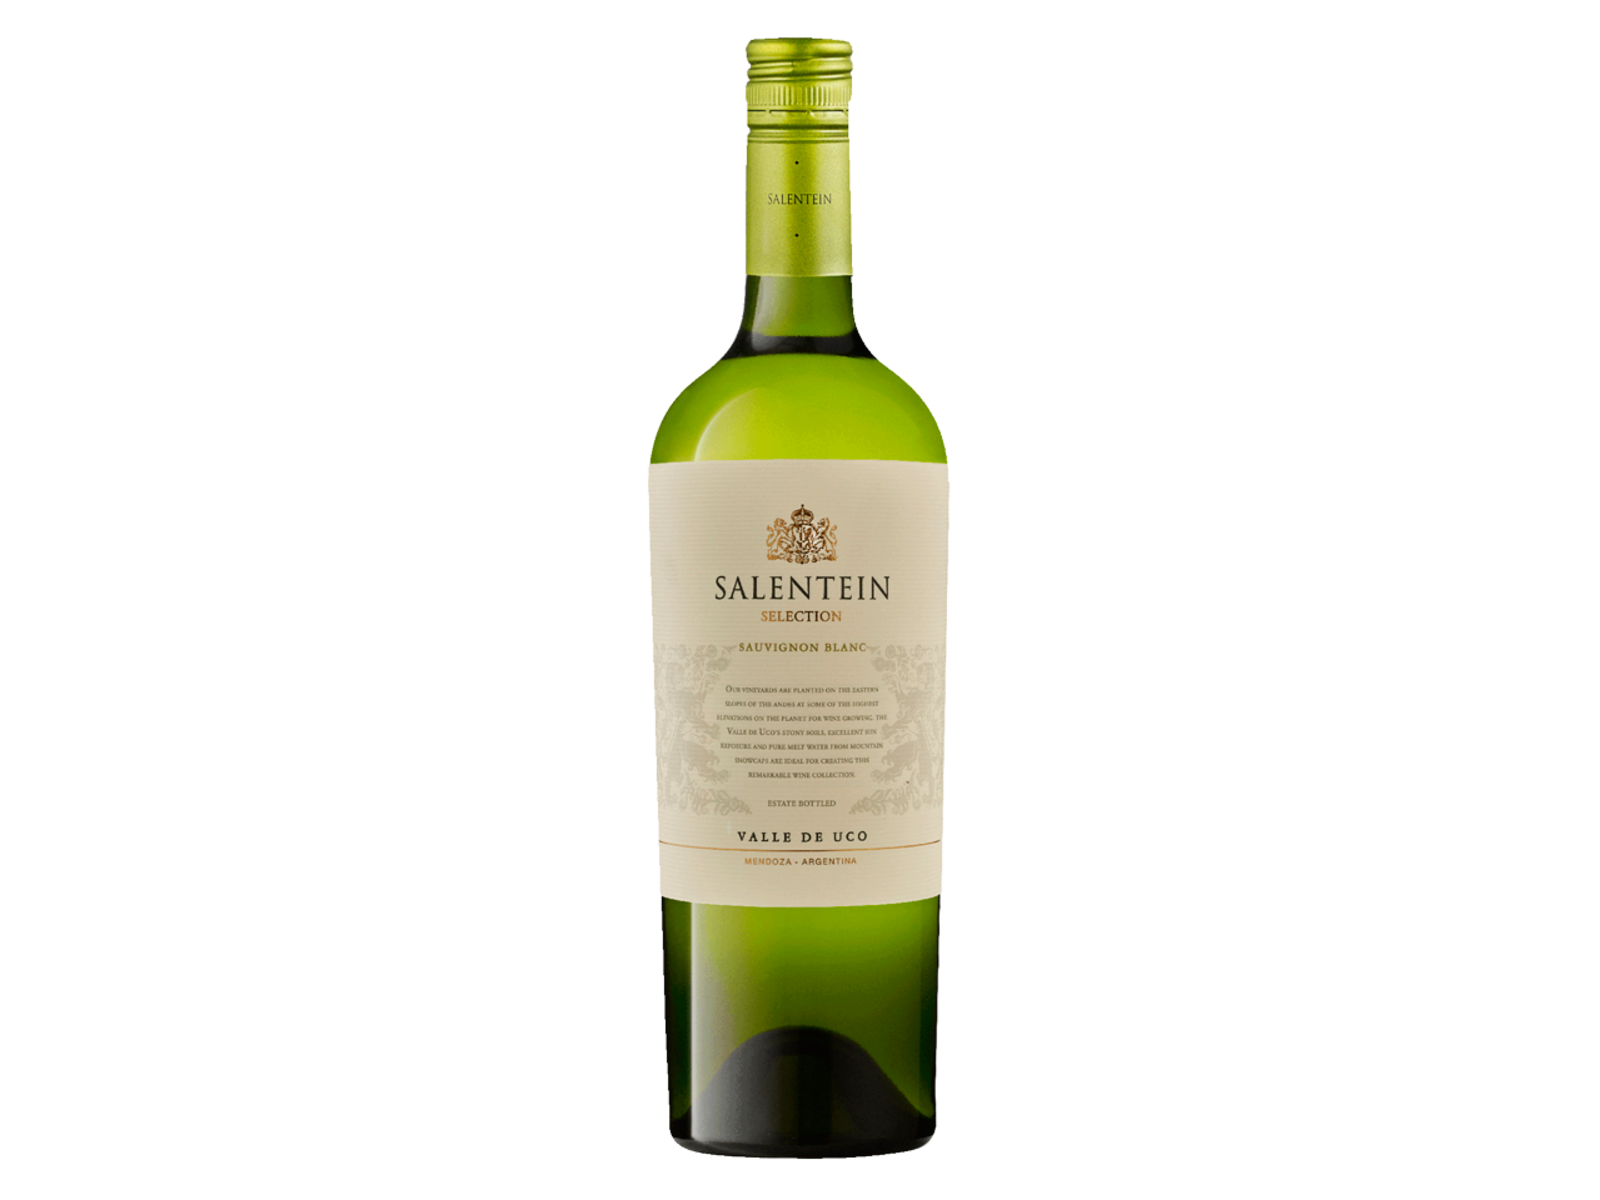 Bodegas Salentein Salentein Selection Sauvignon Blanc